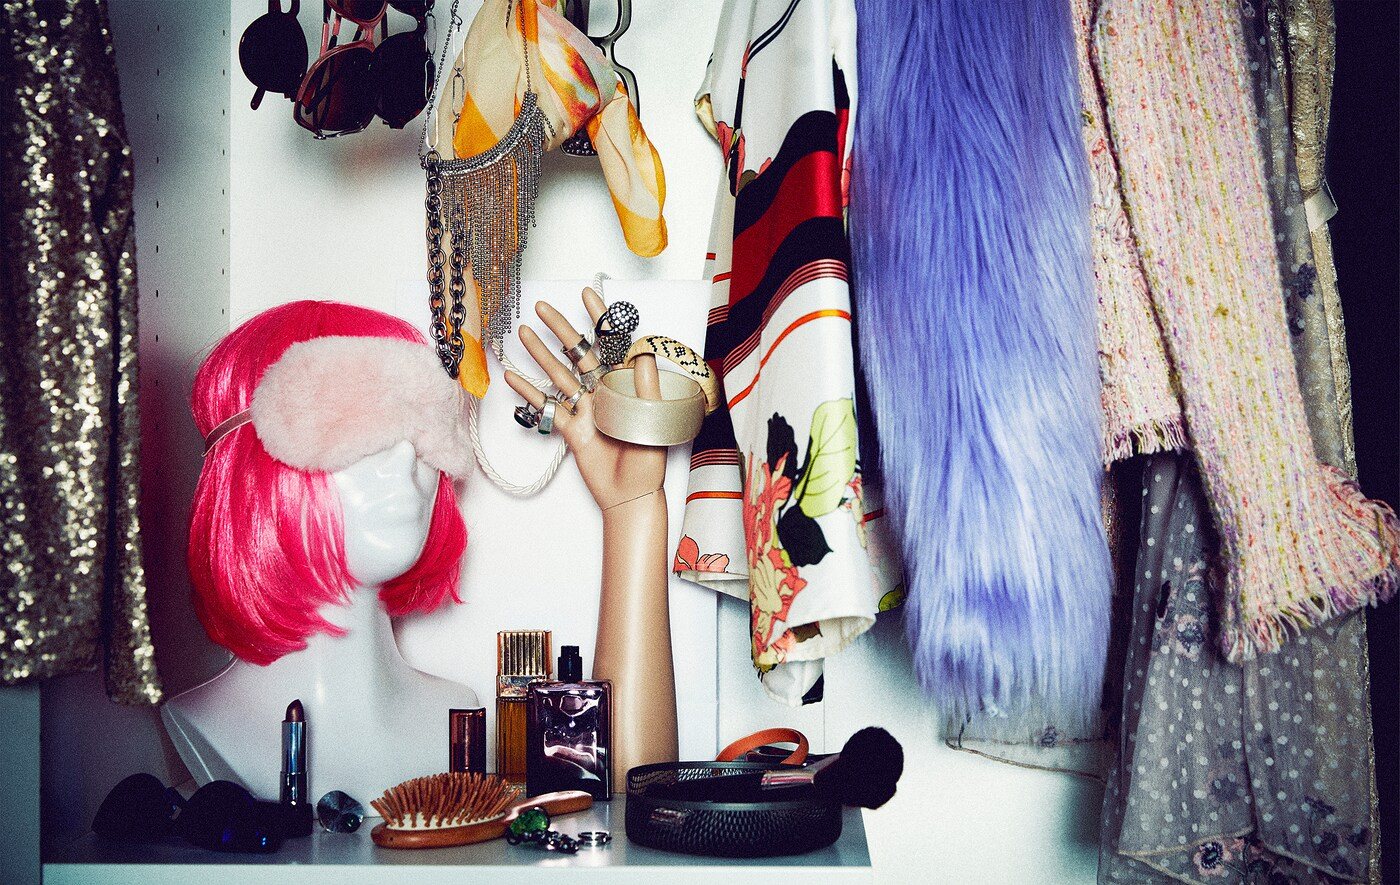 Une section de placard remplie d'exubérants vêtements et d'accessoires de fête; une tête de mannequin surmontée d'une perruque; une main de mannequin avec des bagues aux doigts.